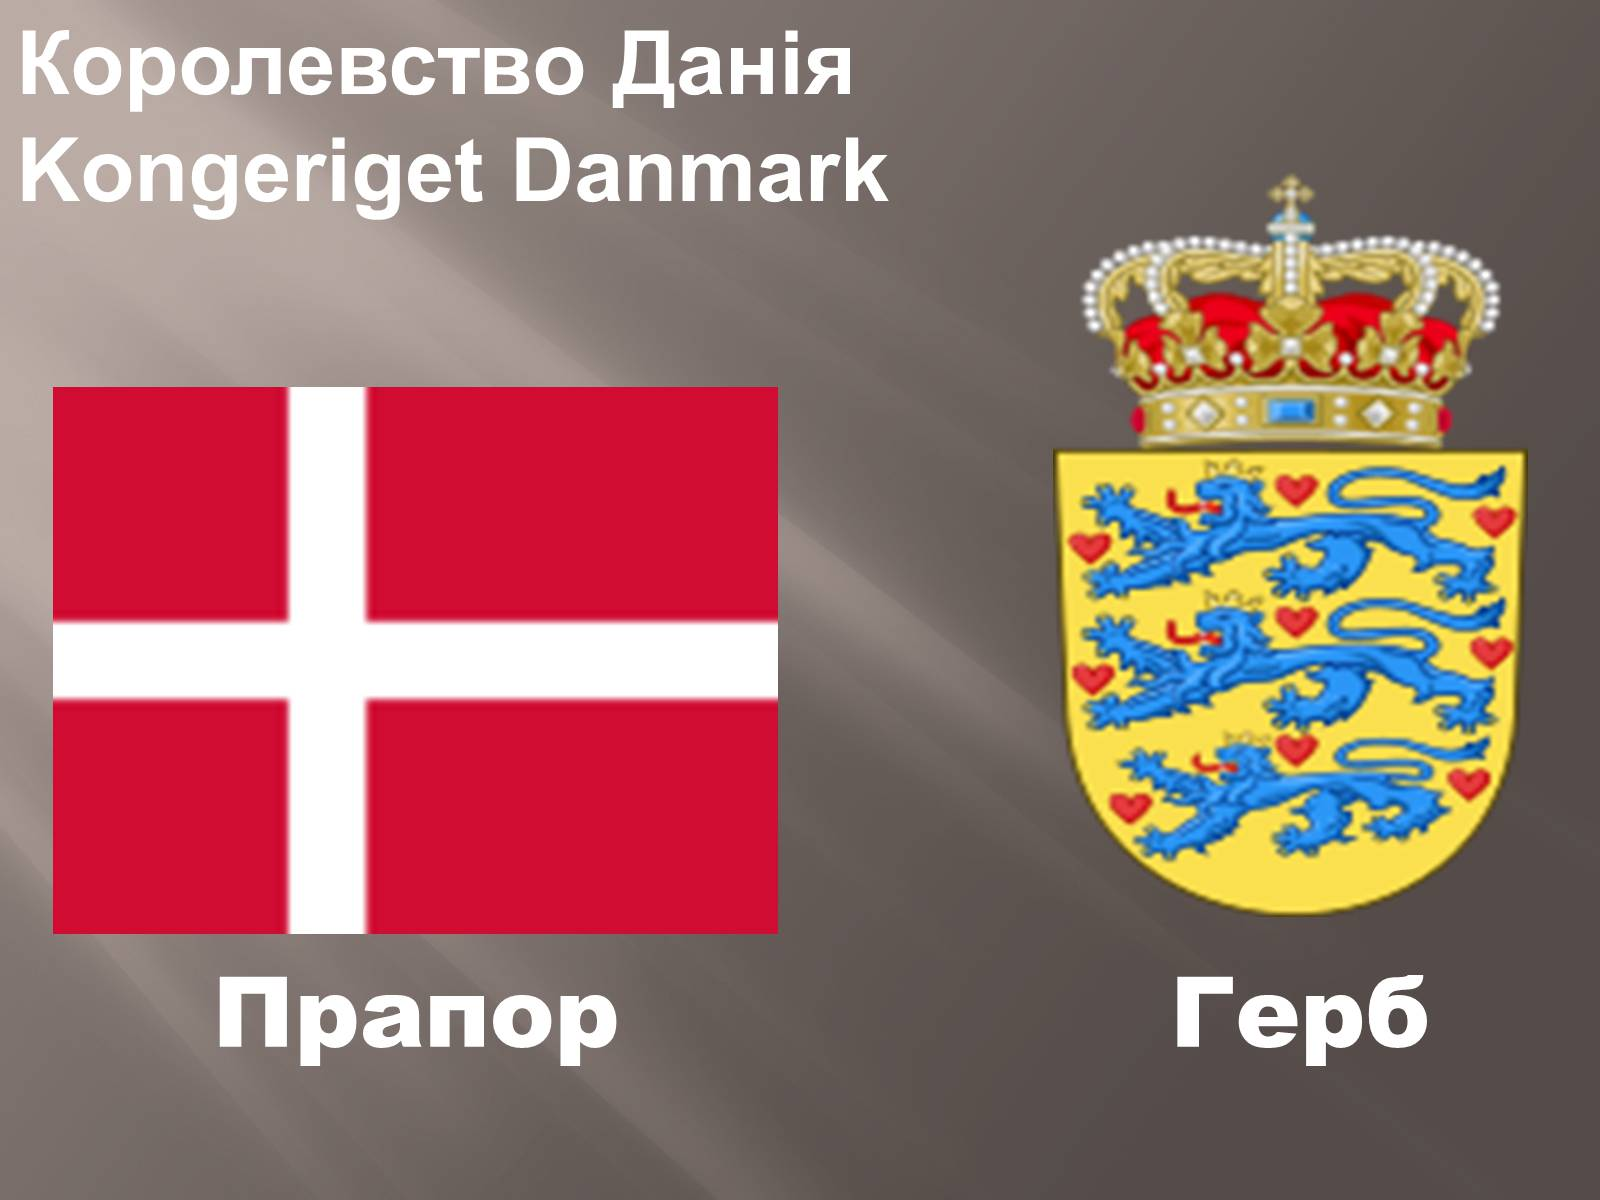 картинки флага и герба дании кадрах